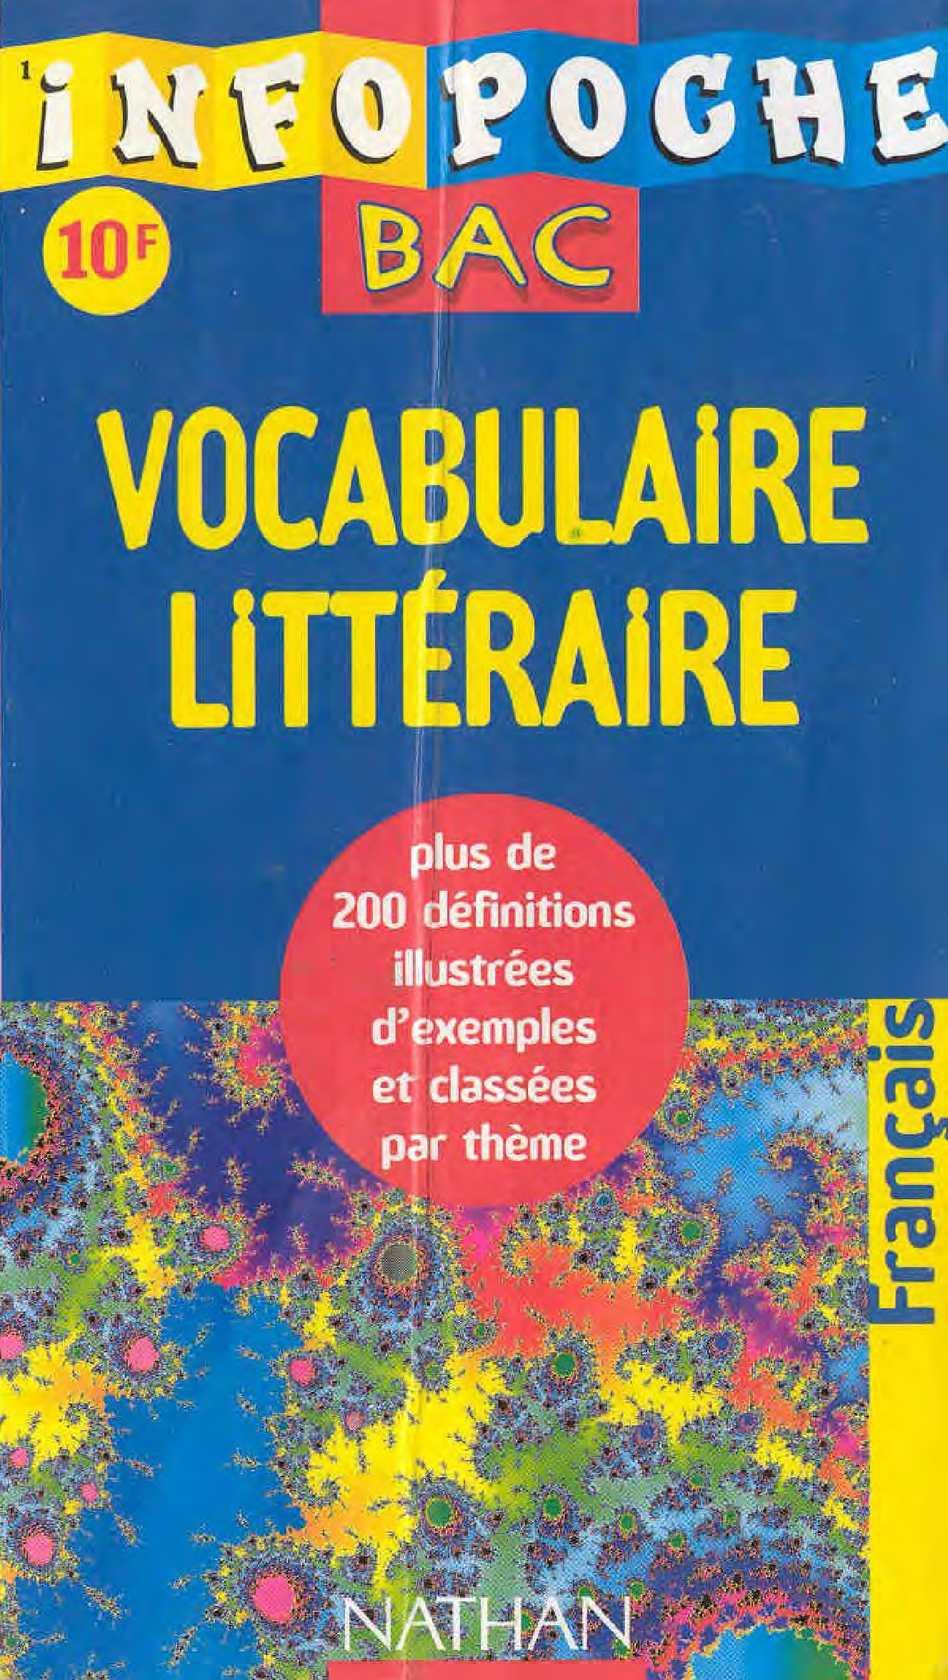 Infopoche Bac Vocabulaire Litteraire